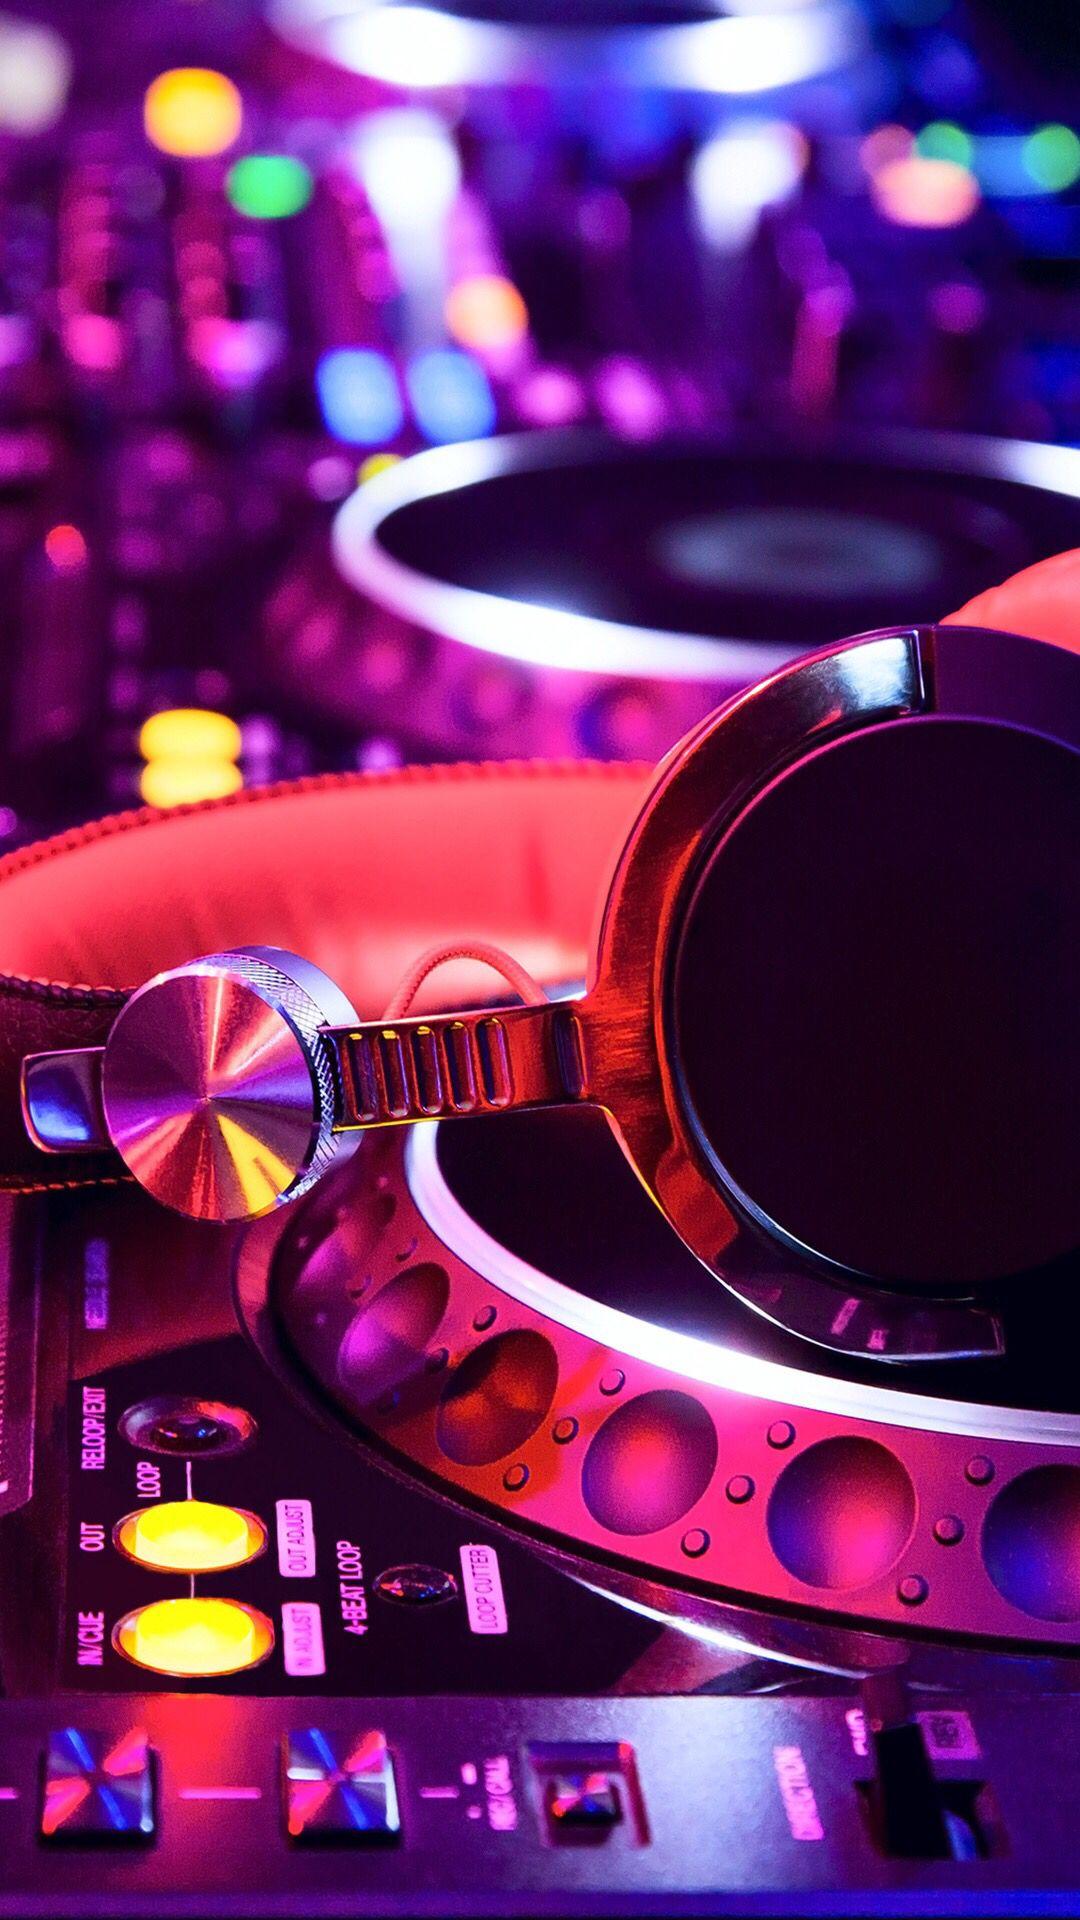 Close Up Shots For A Pair Of Cdj 2000 Nexus And A Djm 900 Nexus Fondos De Musica Electronica Fotos De Musica Electronica Fondos De Pantalla Musica